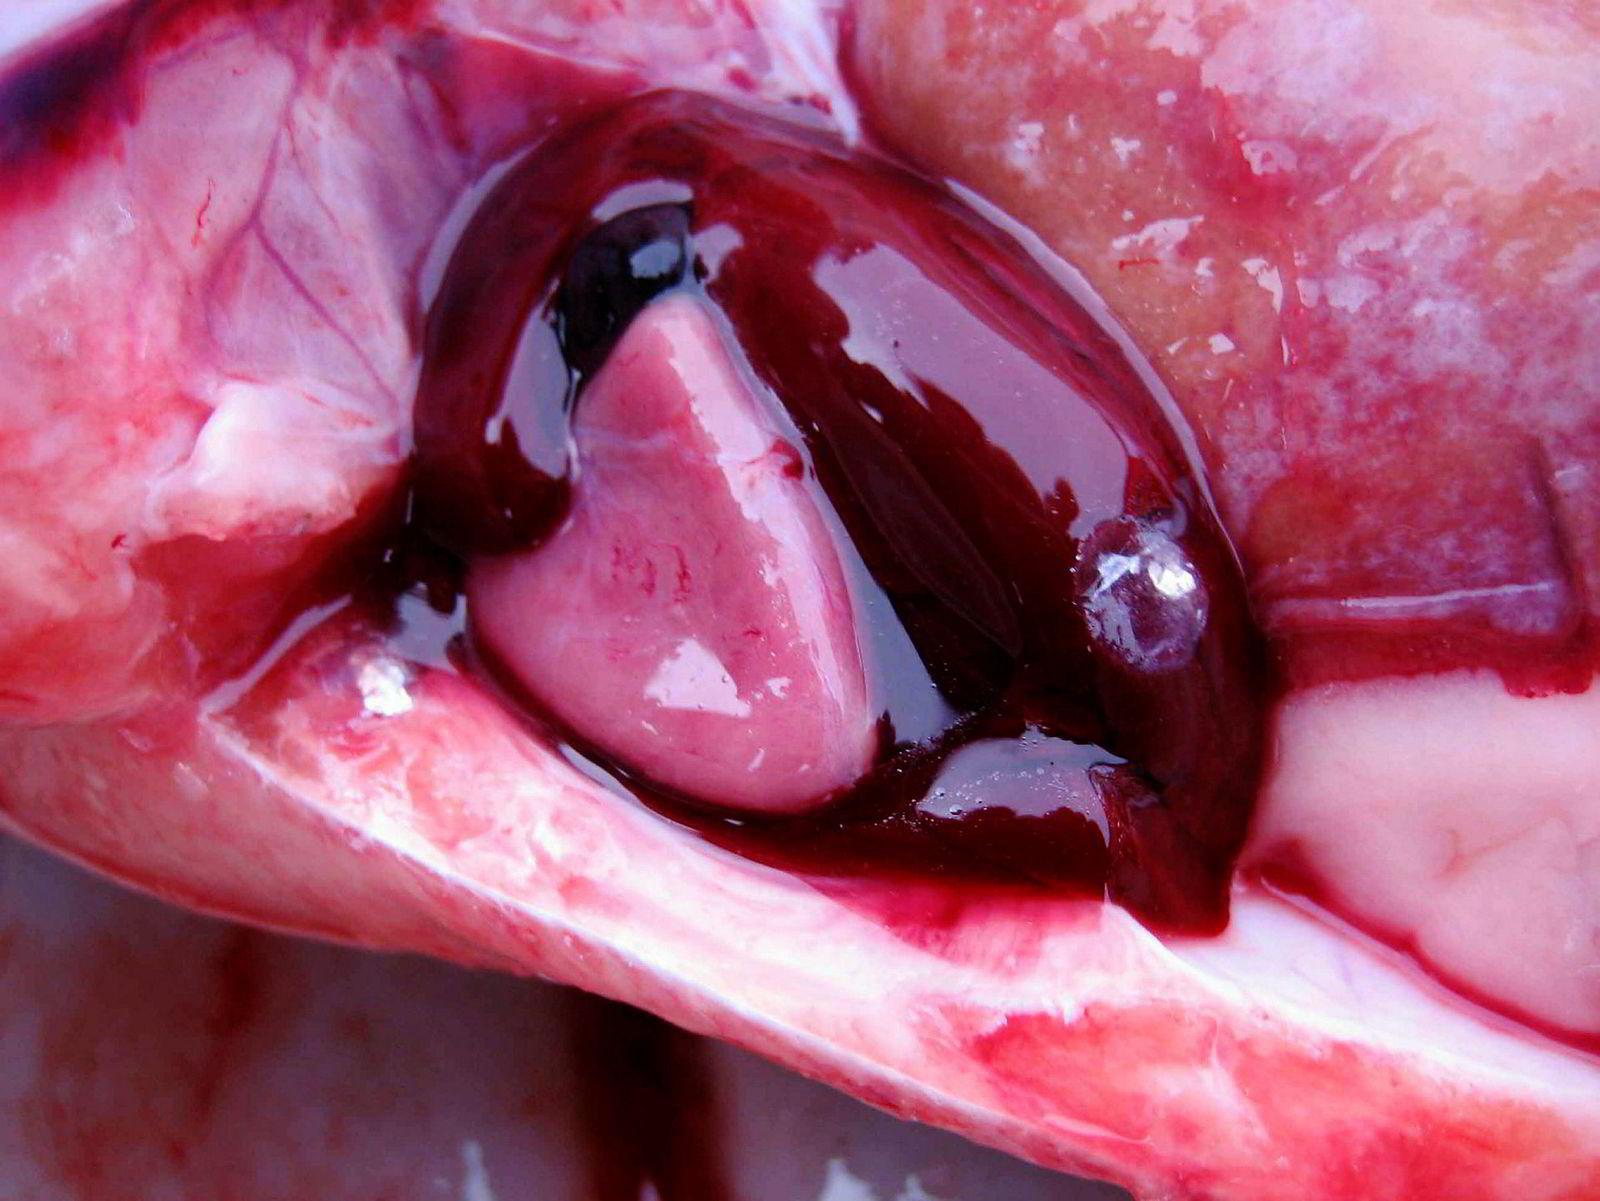 Viruset CMS gjør at fisken får en betennelse som gjør hjerteveggen så tynn og skjør at hjertet til slutt sprekker. Det skjer gjerne når fisken blir stresset i forbindelse med lusebehandling.